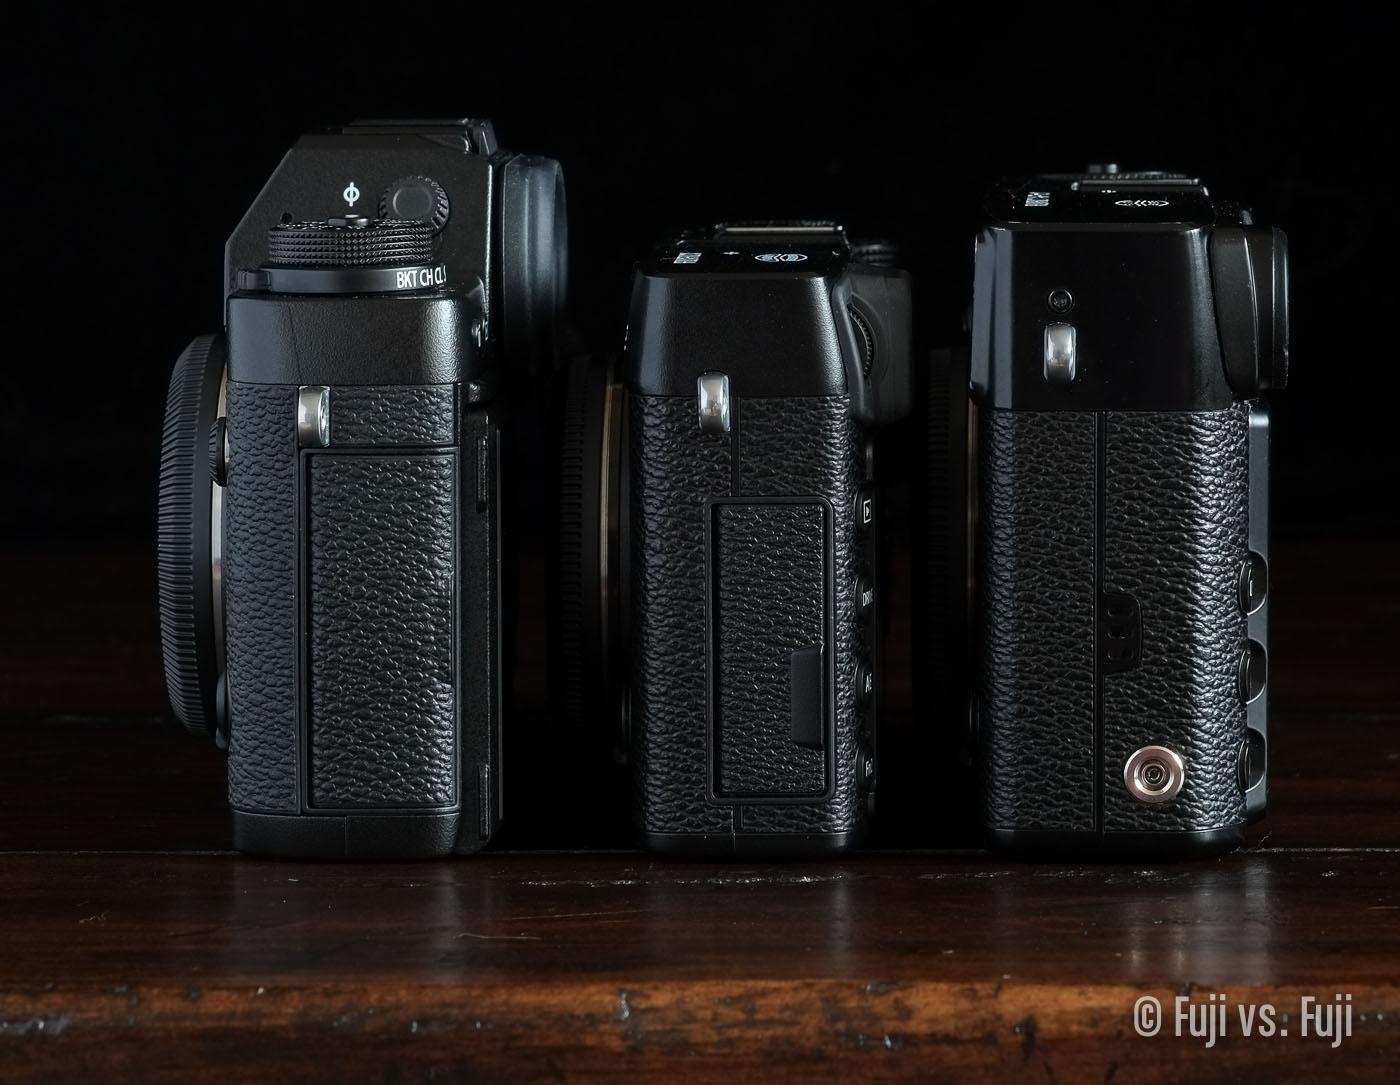 The  Fujifilm X-T1, X-E2, and X-Pro1